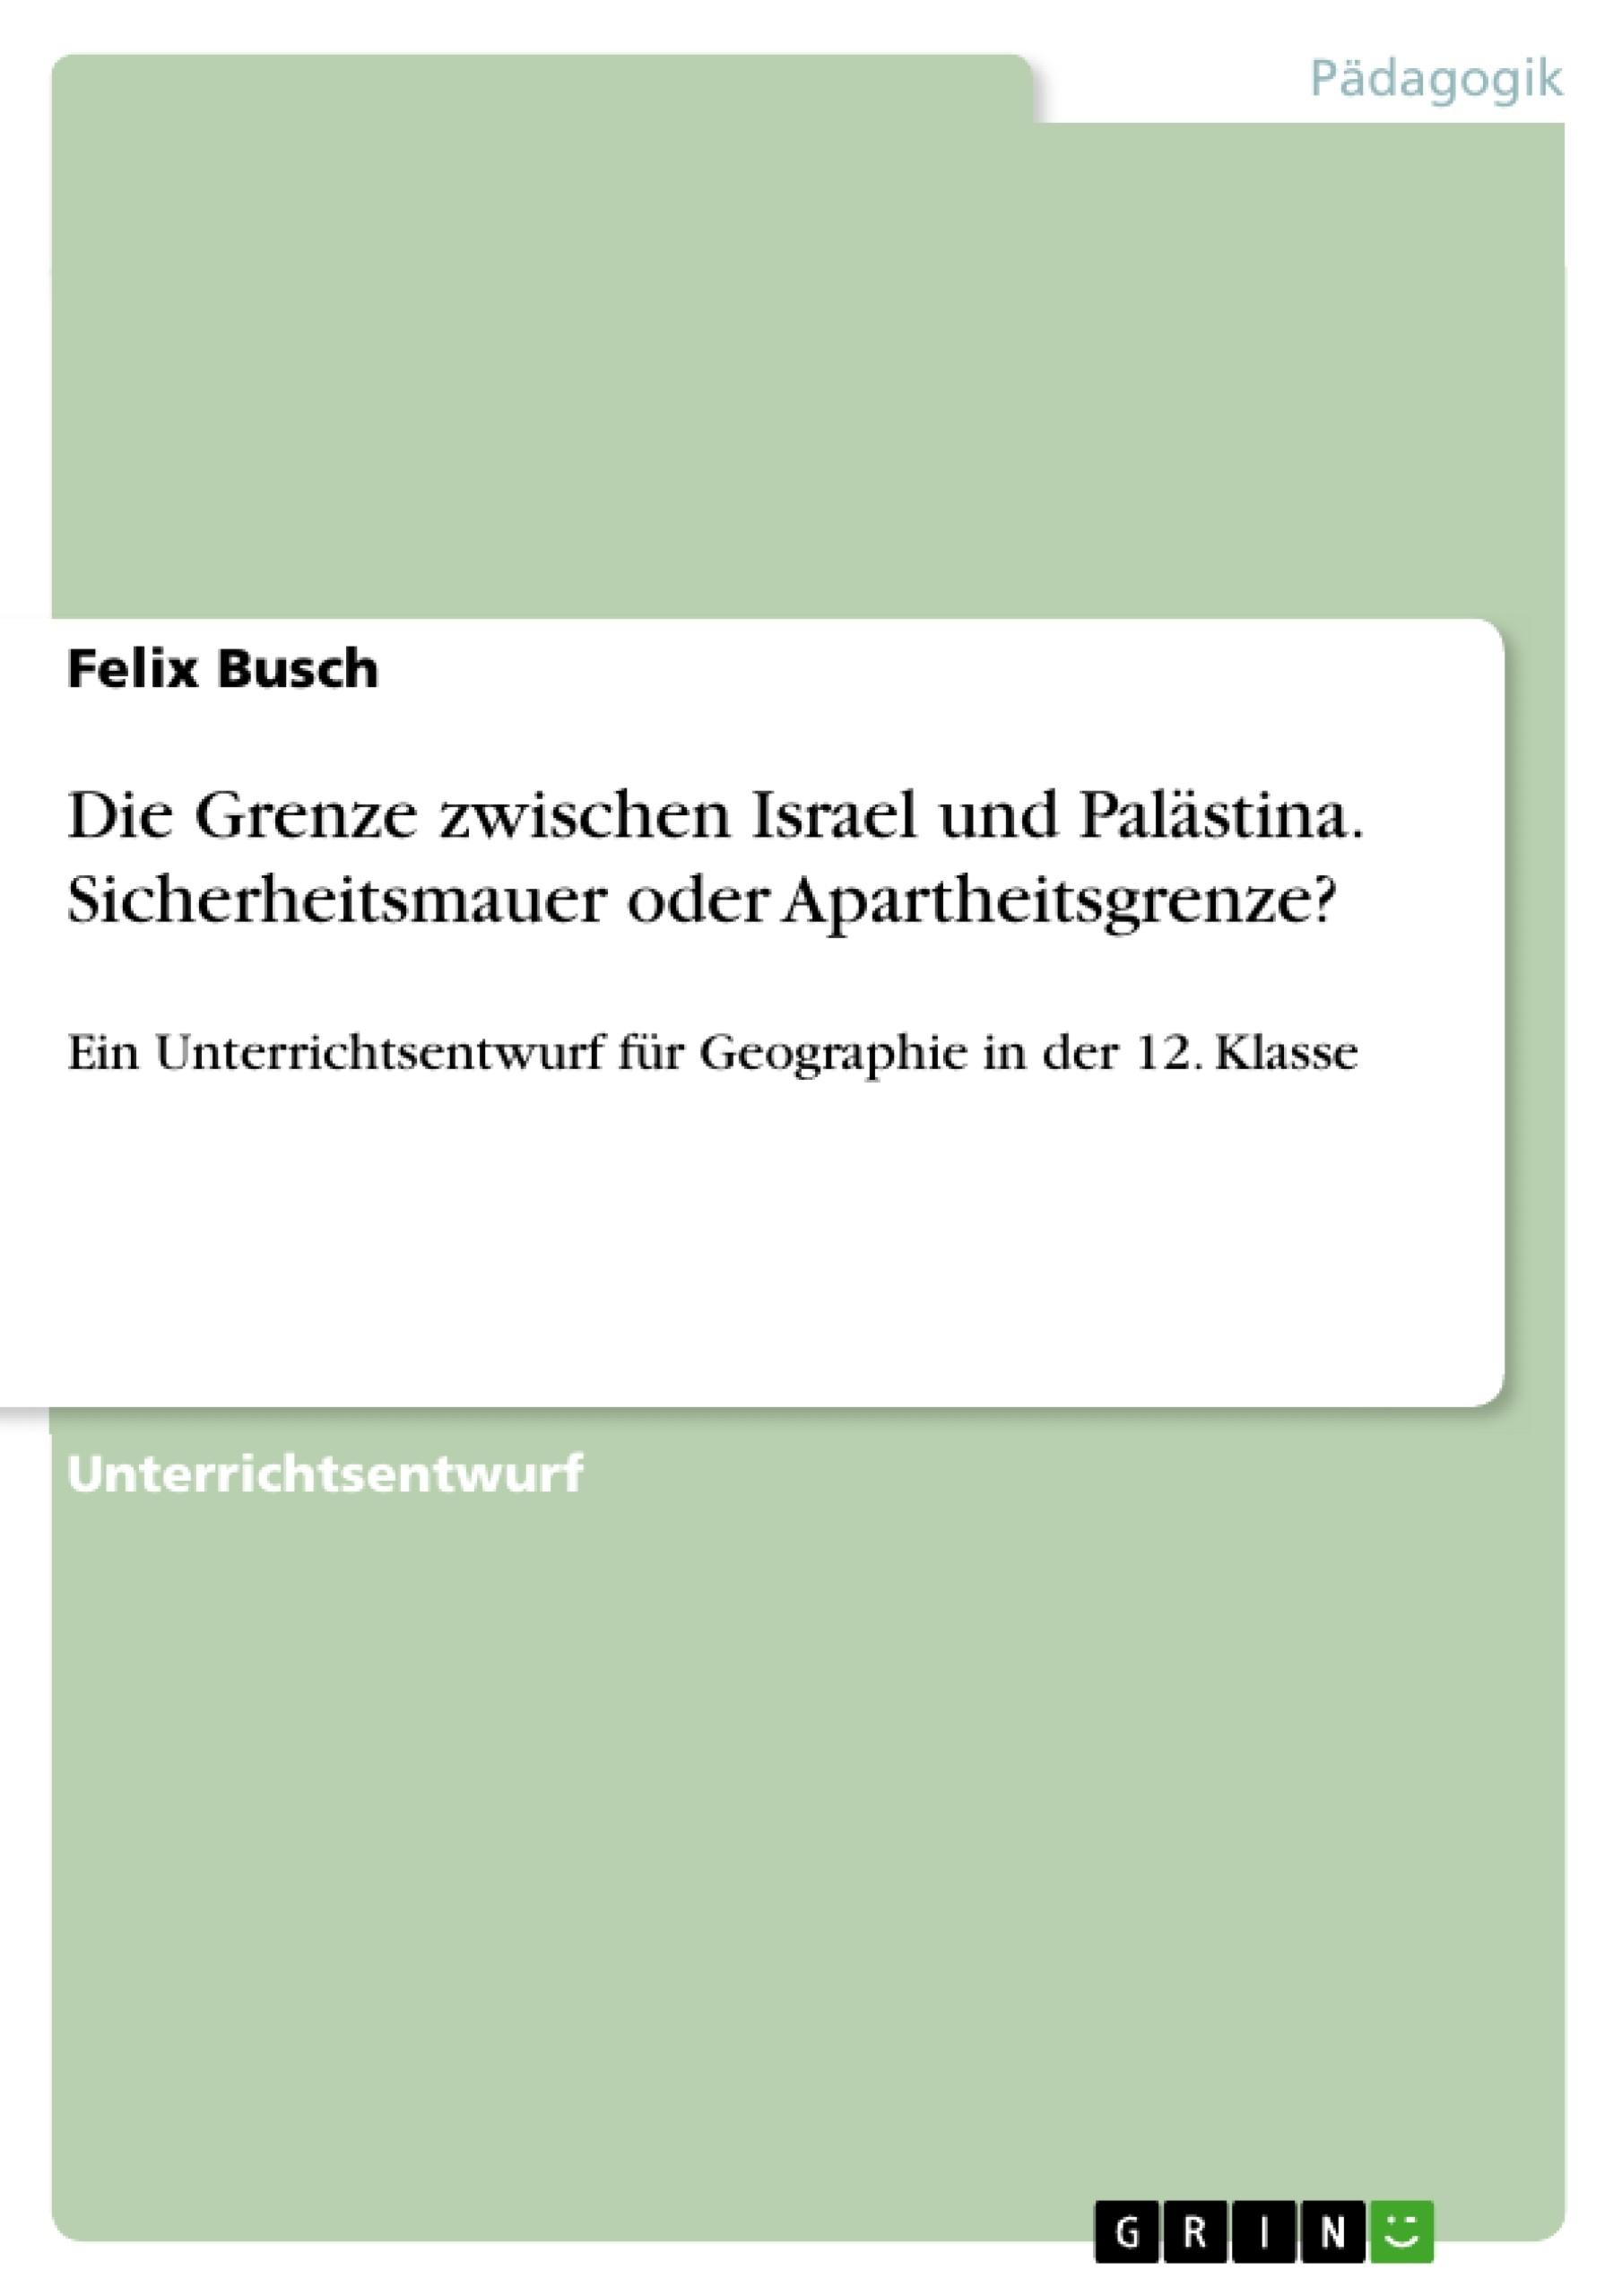 Titel: Die Grenze zwischen Israel und Palästina. Sicherheitsmauer oder Apartheitsgrenze?